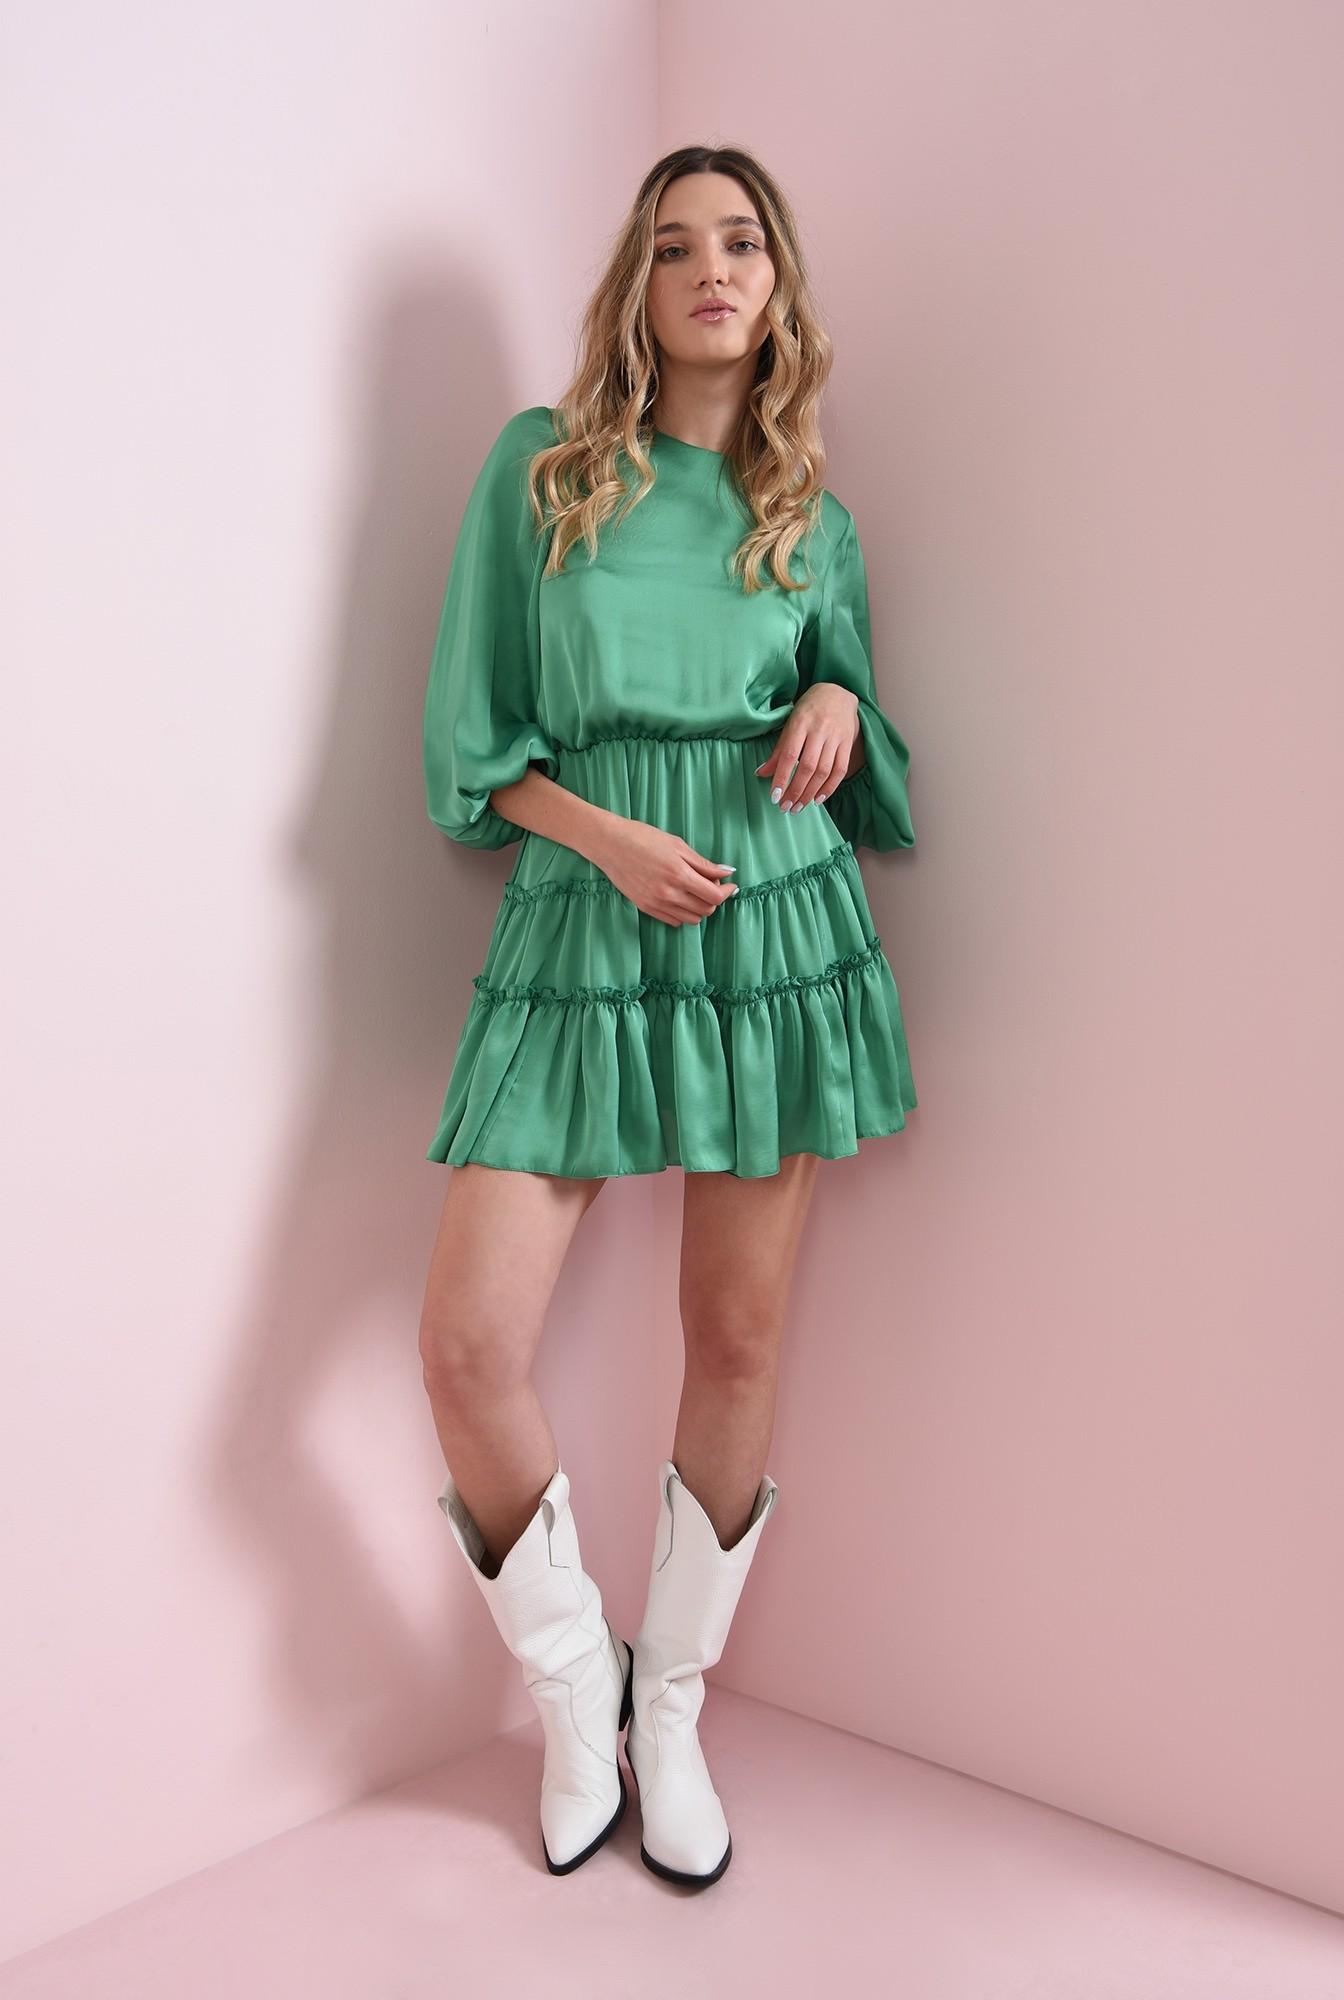 0 - rochie verde, scurta, din satin